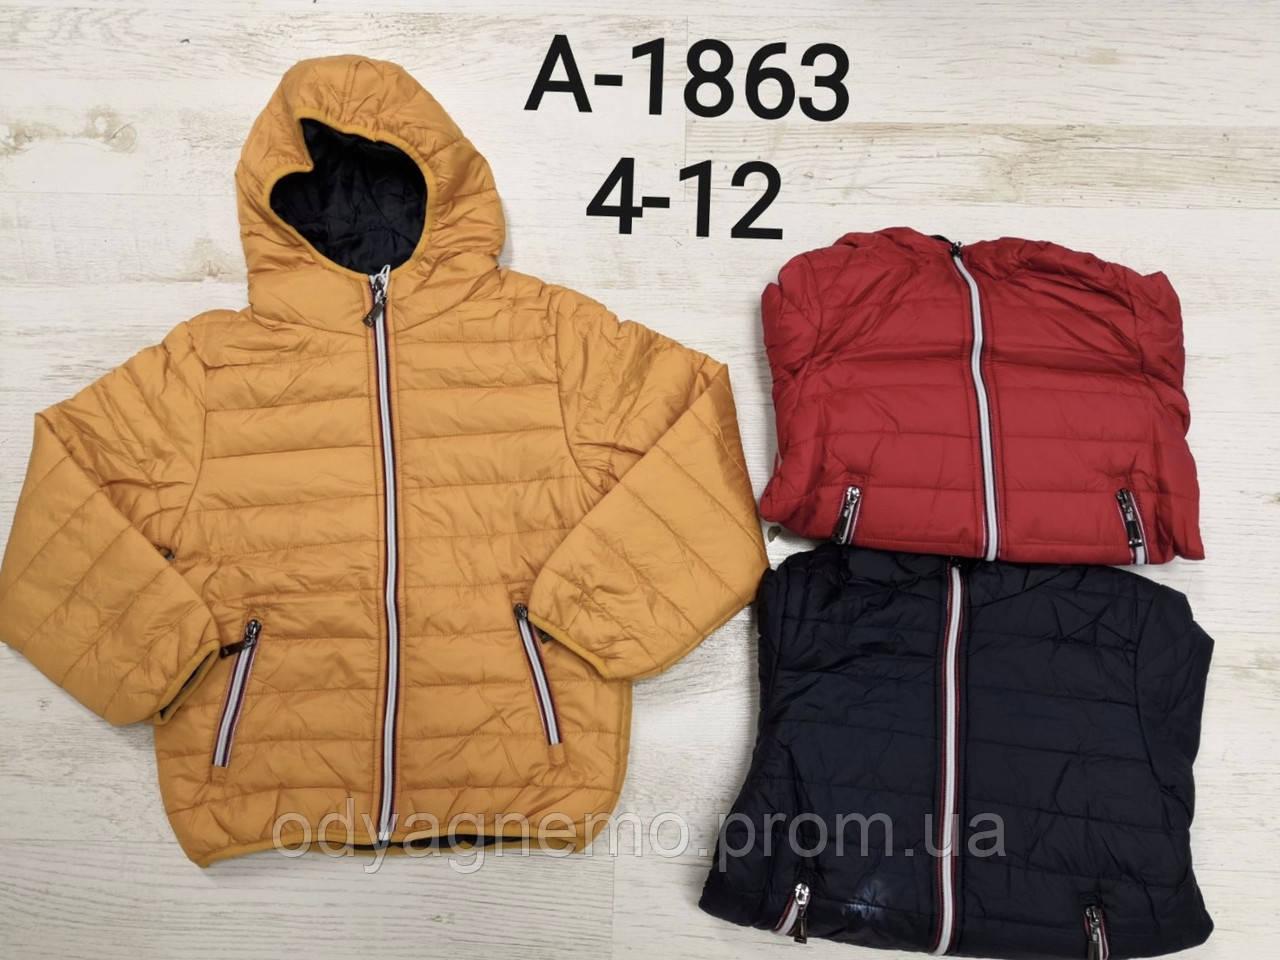 Куртка для хлопчиків Sincere, 4-12 років. Артикул: A1863